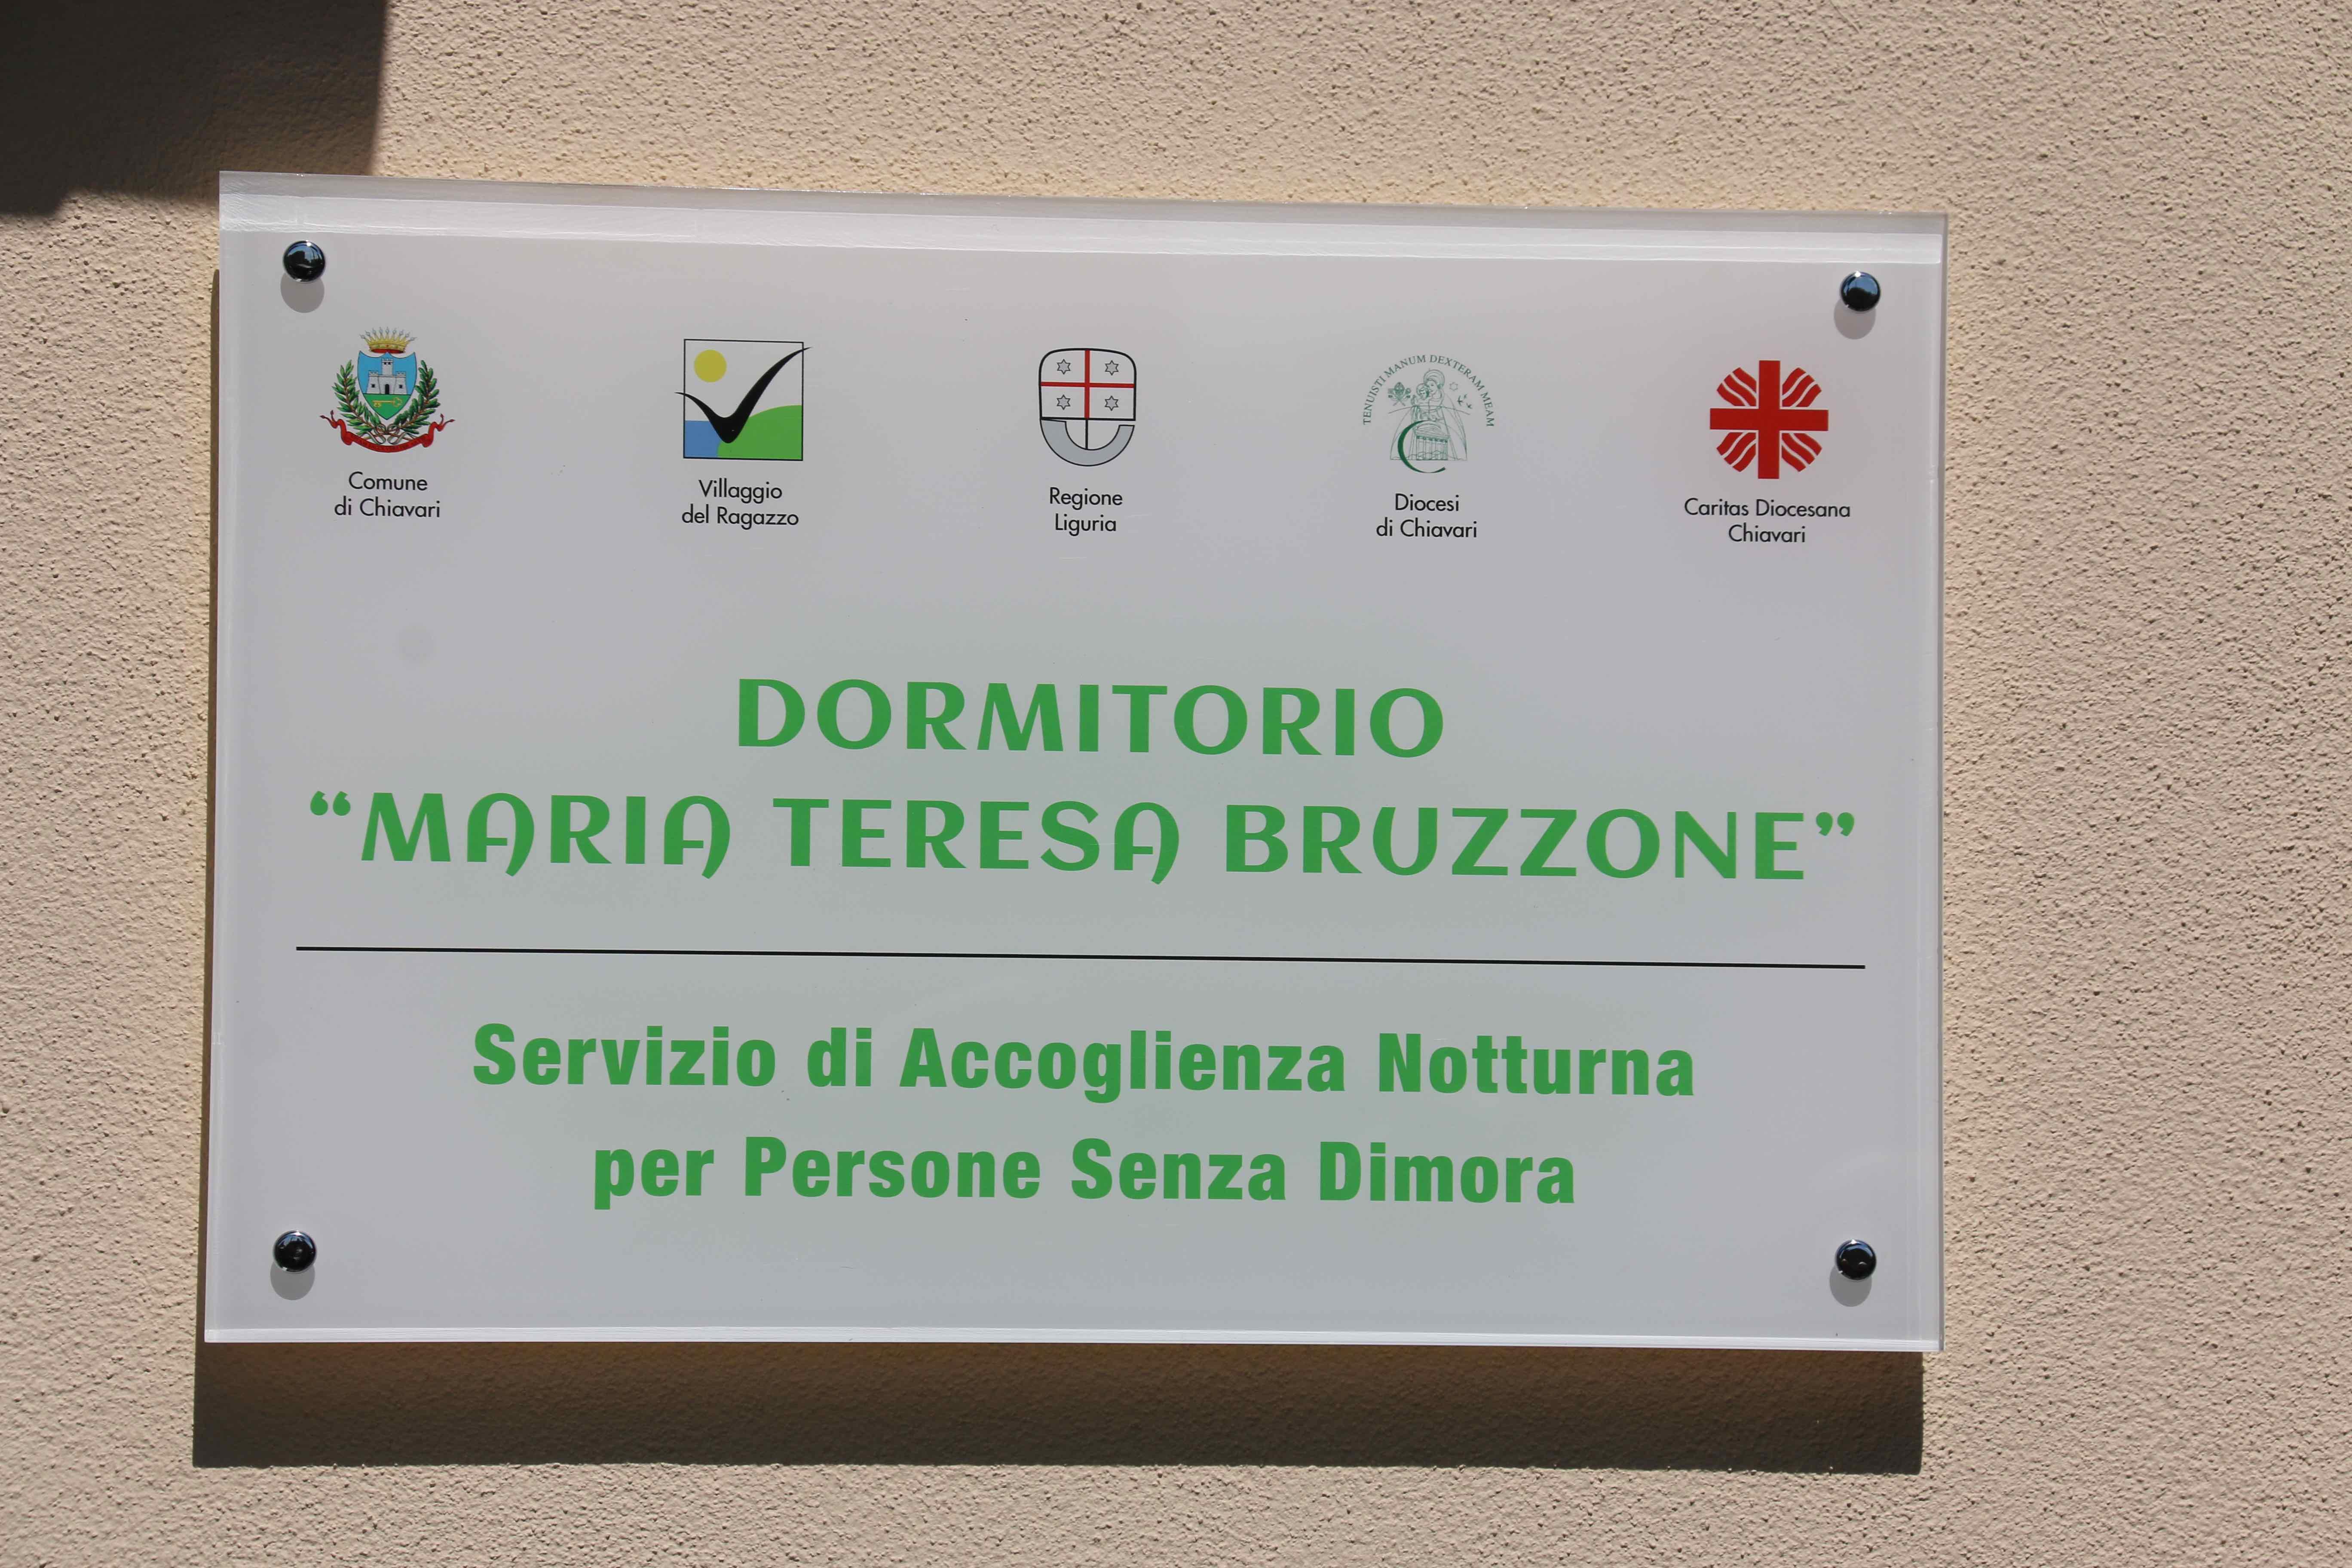 Inaugurazione Dormitorio Maria Teresa Bruzzone Centro Franco Chiarella 2017.04.22 - 24